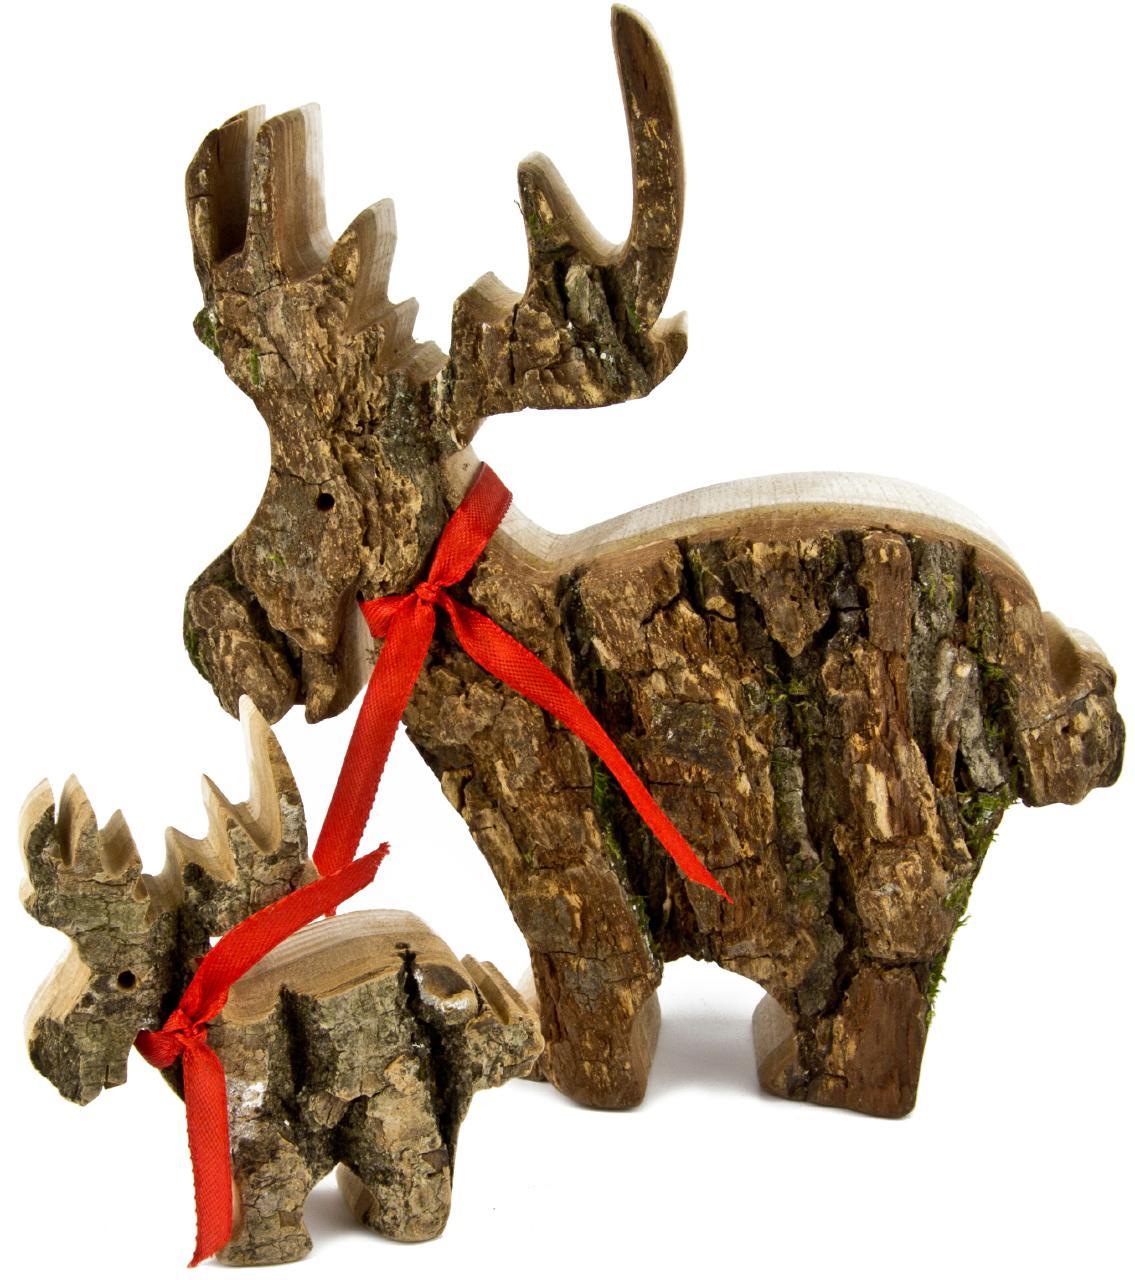 Weihnachtsdeko Rinde.Weihnachtselch Aus Holz Mit Rinde